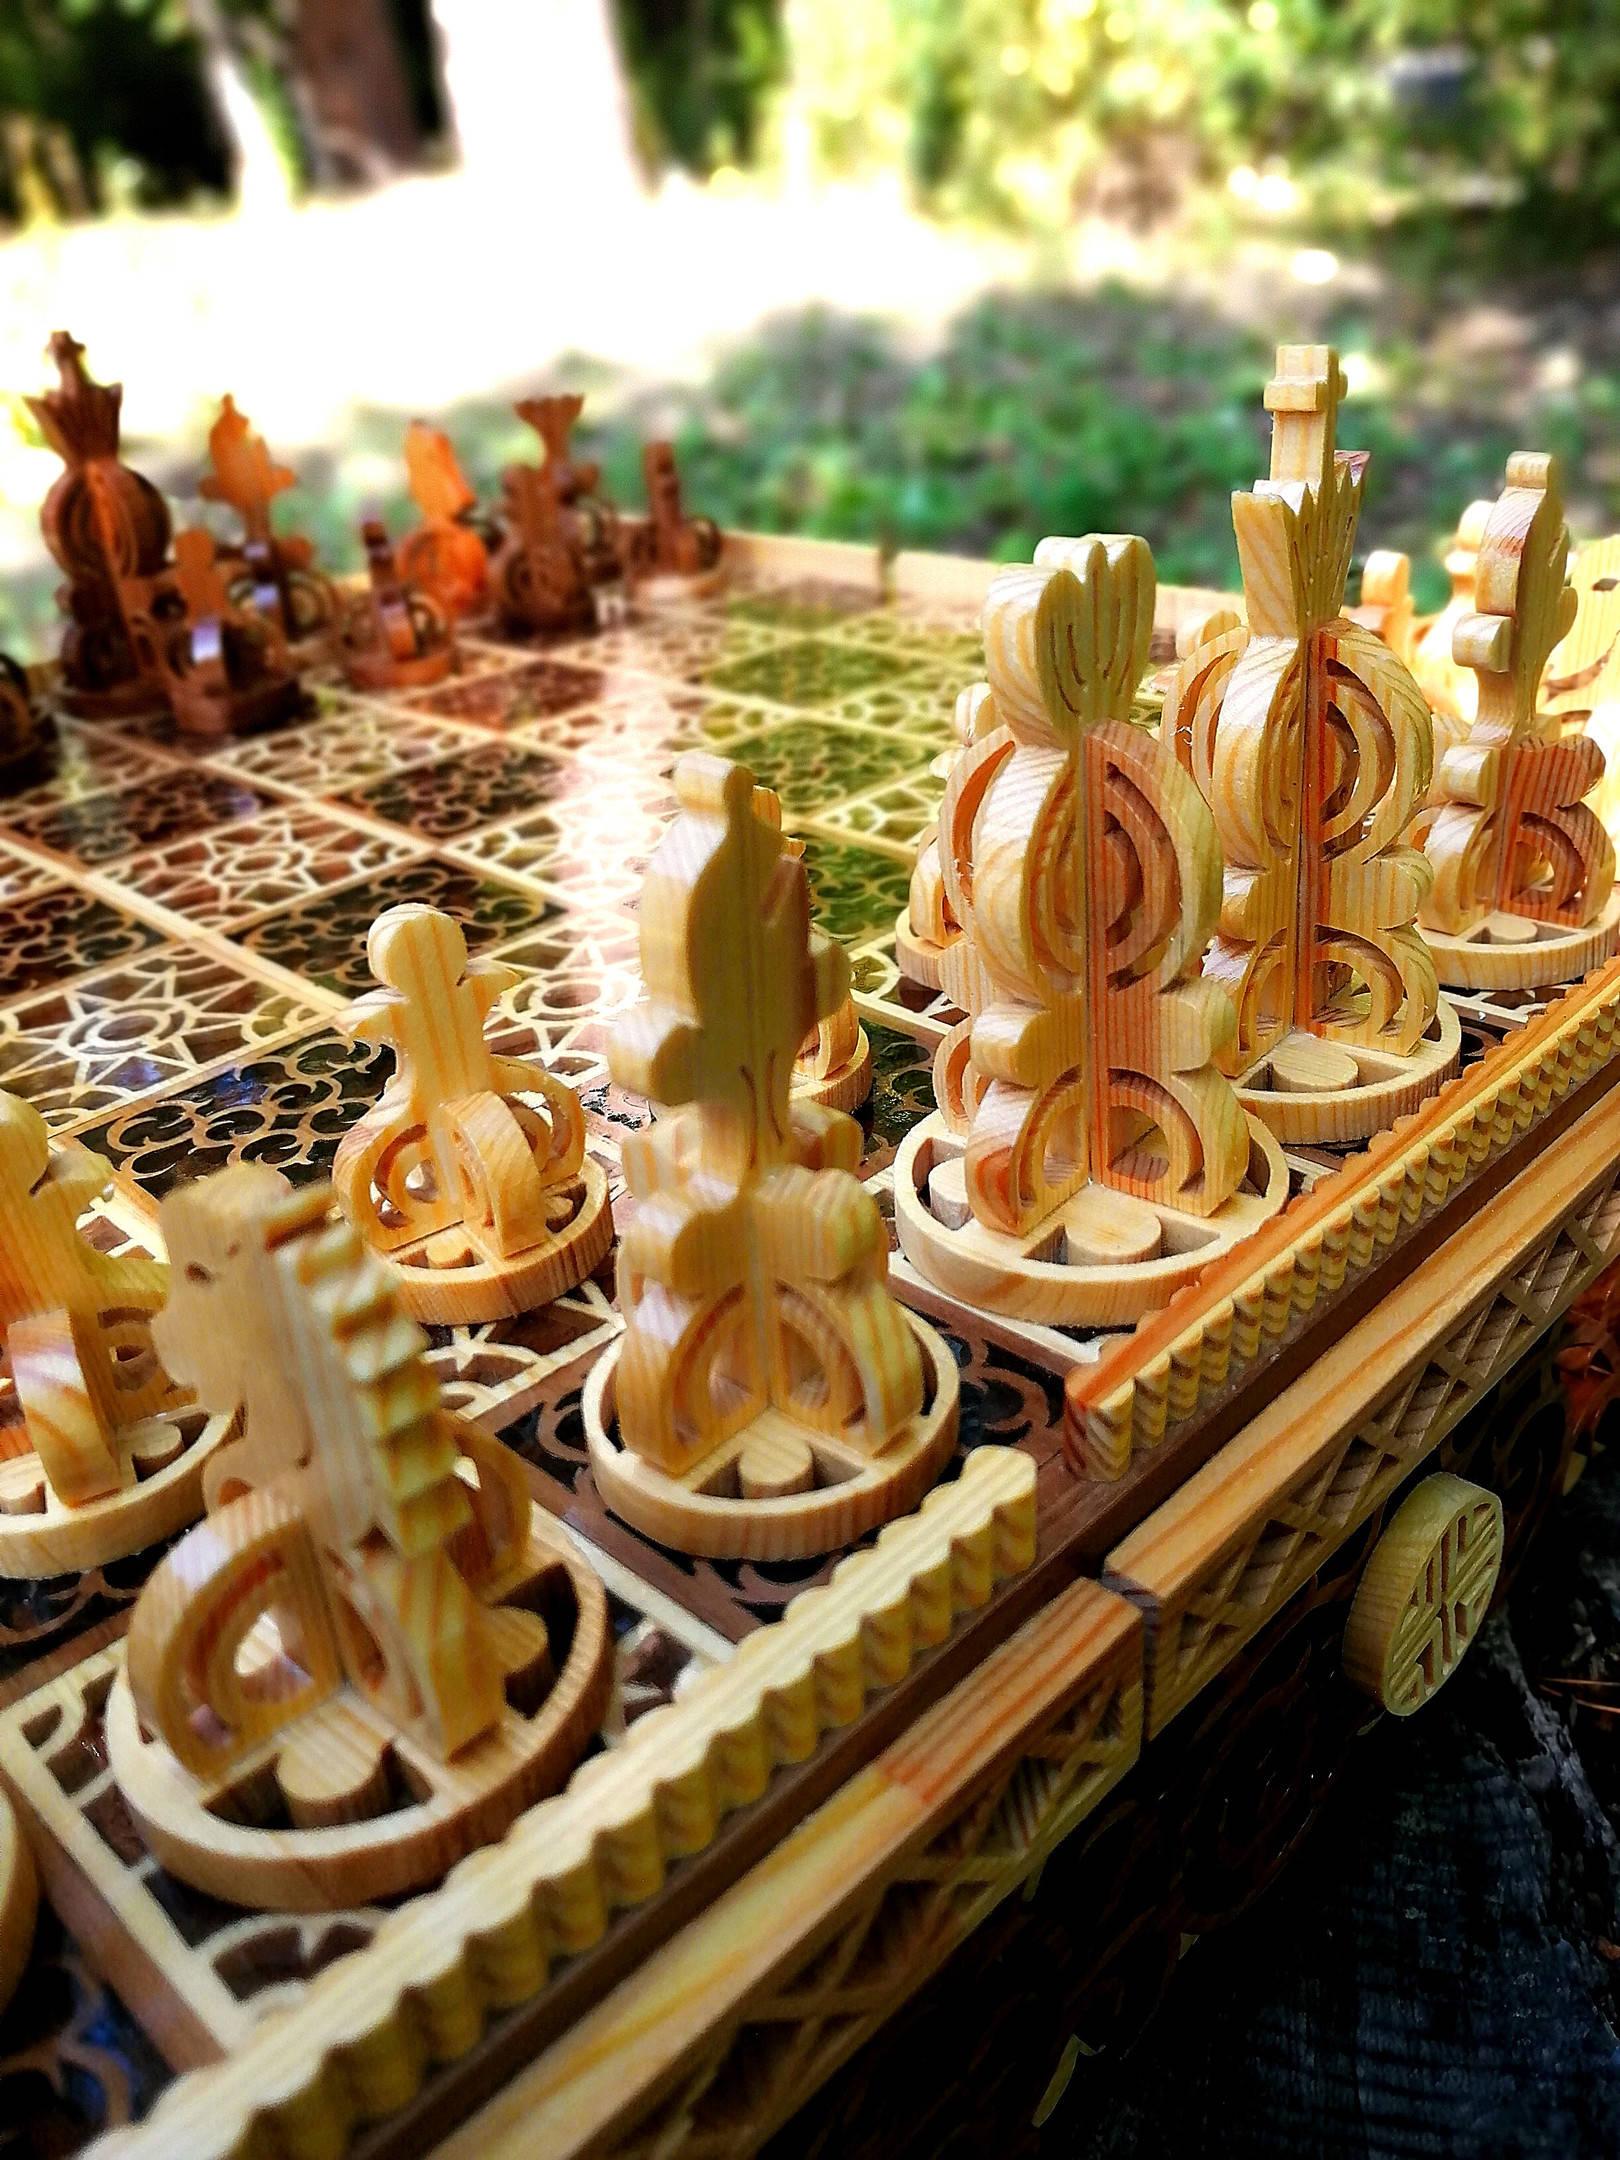 Шахматы. Материал яблоня, сосна, ювелирная эпоксидная смола, лак.Ручная работа